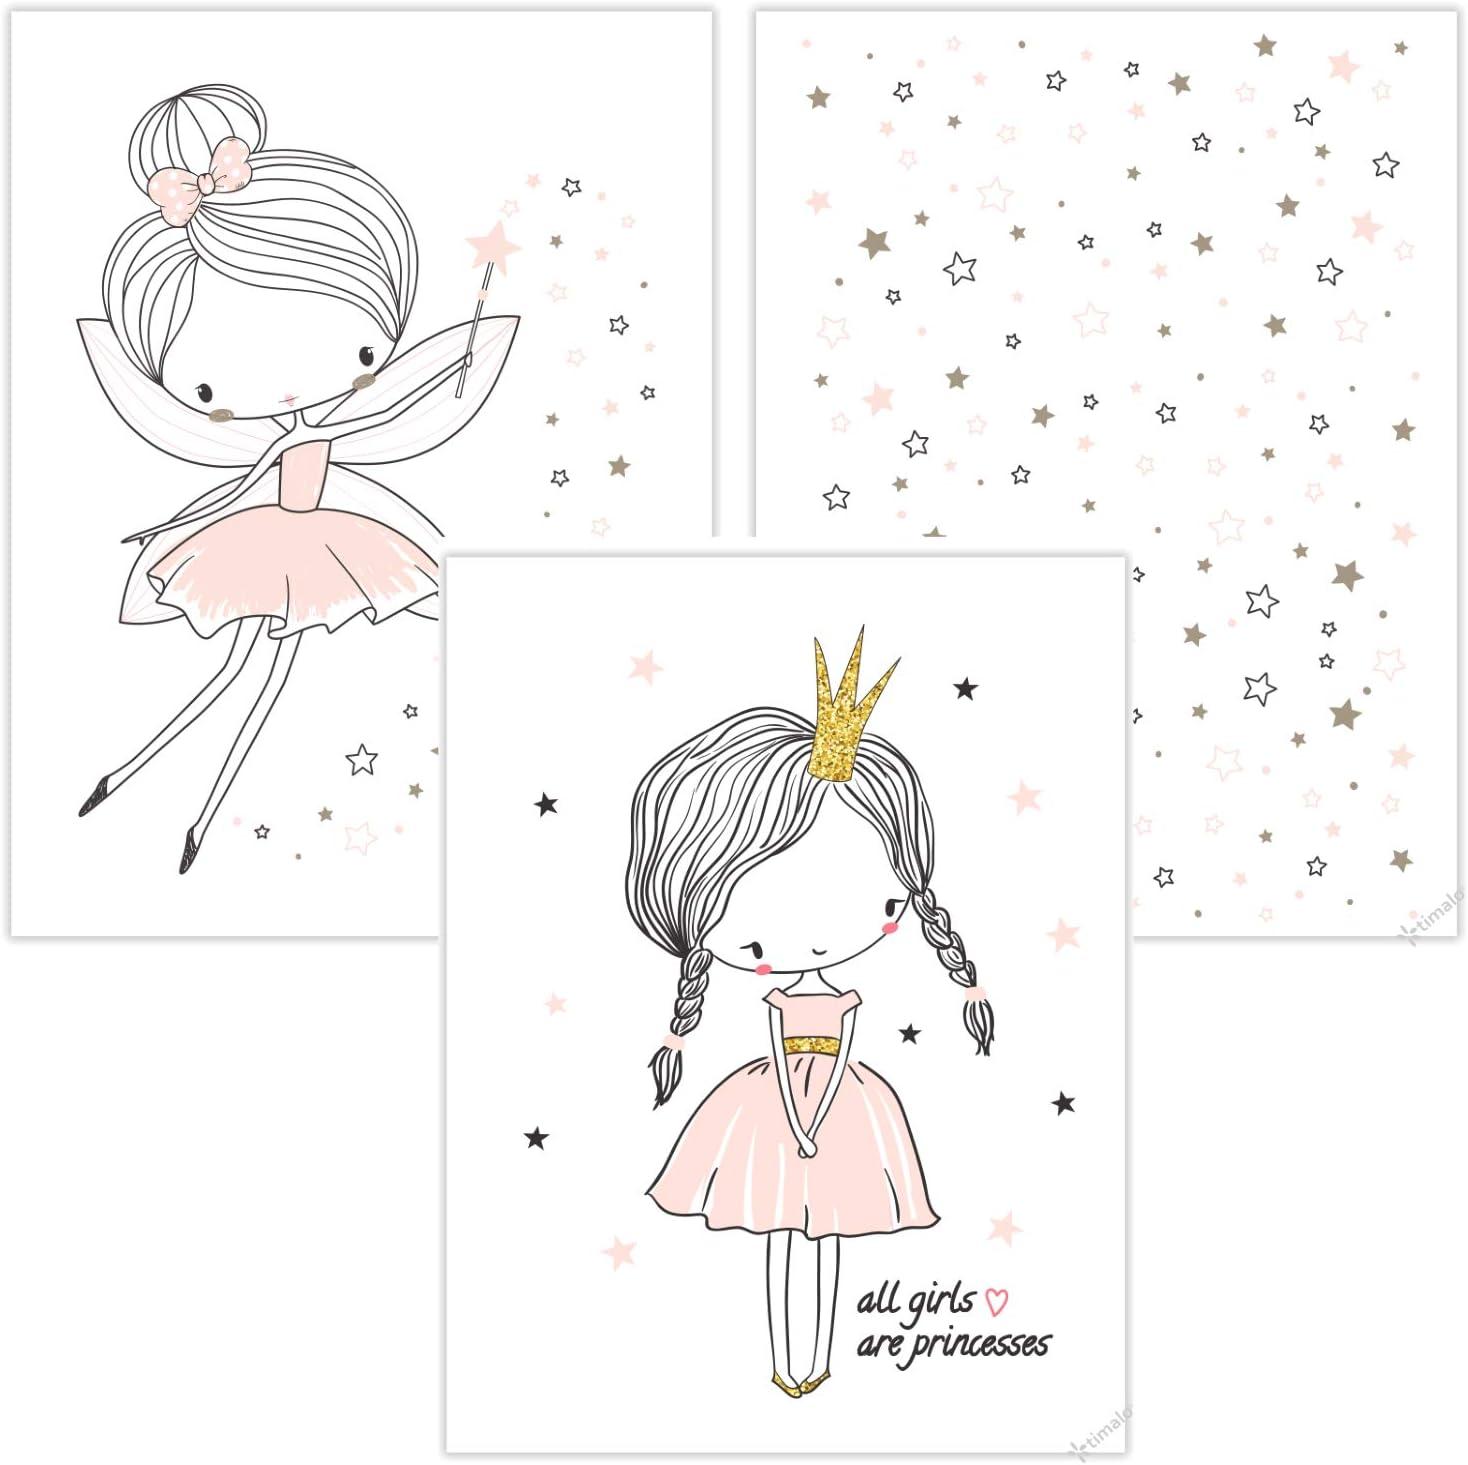 timalo® Juego de 3 imágenes para habitación de niños - Juego de imágenes de princesa, estrellas y hada en color rosa pastel P-3er-set-004 Talla:A4 (21x29cm)